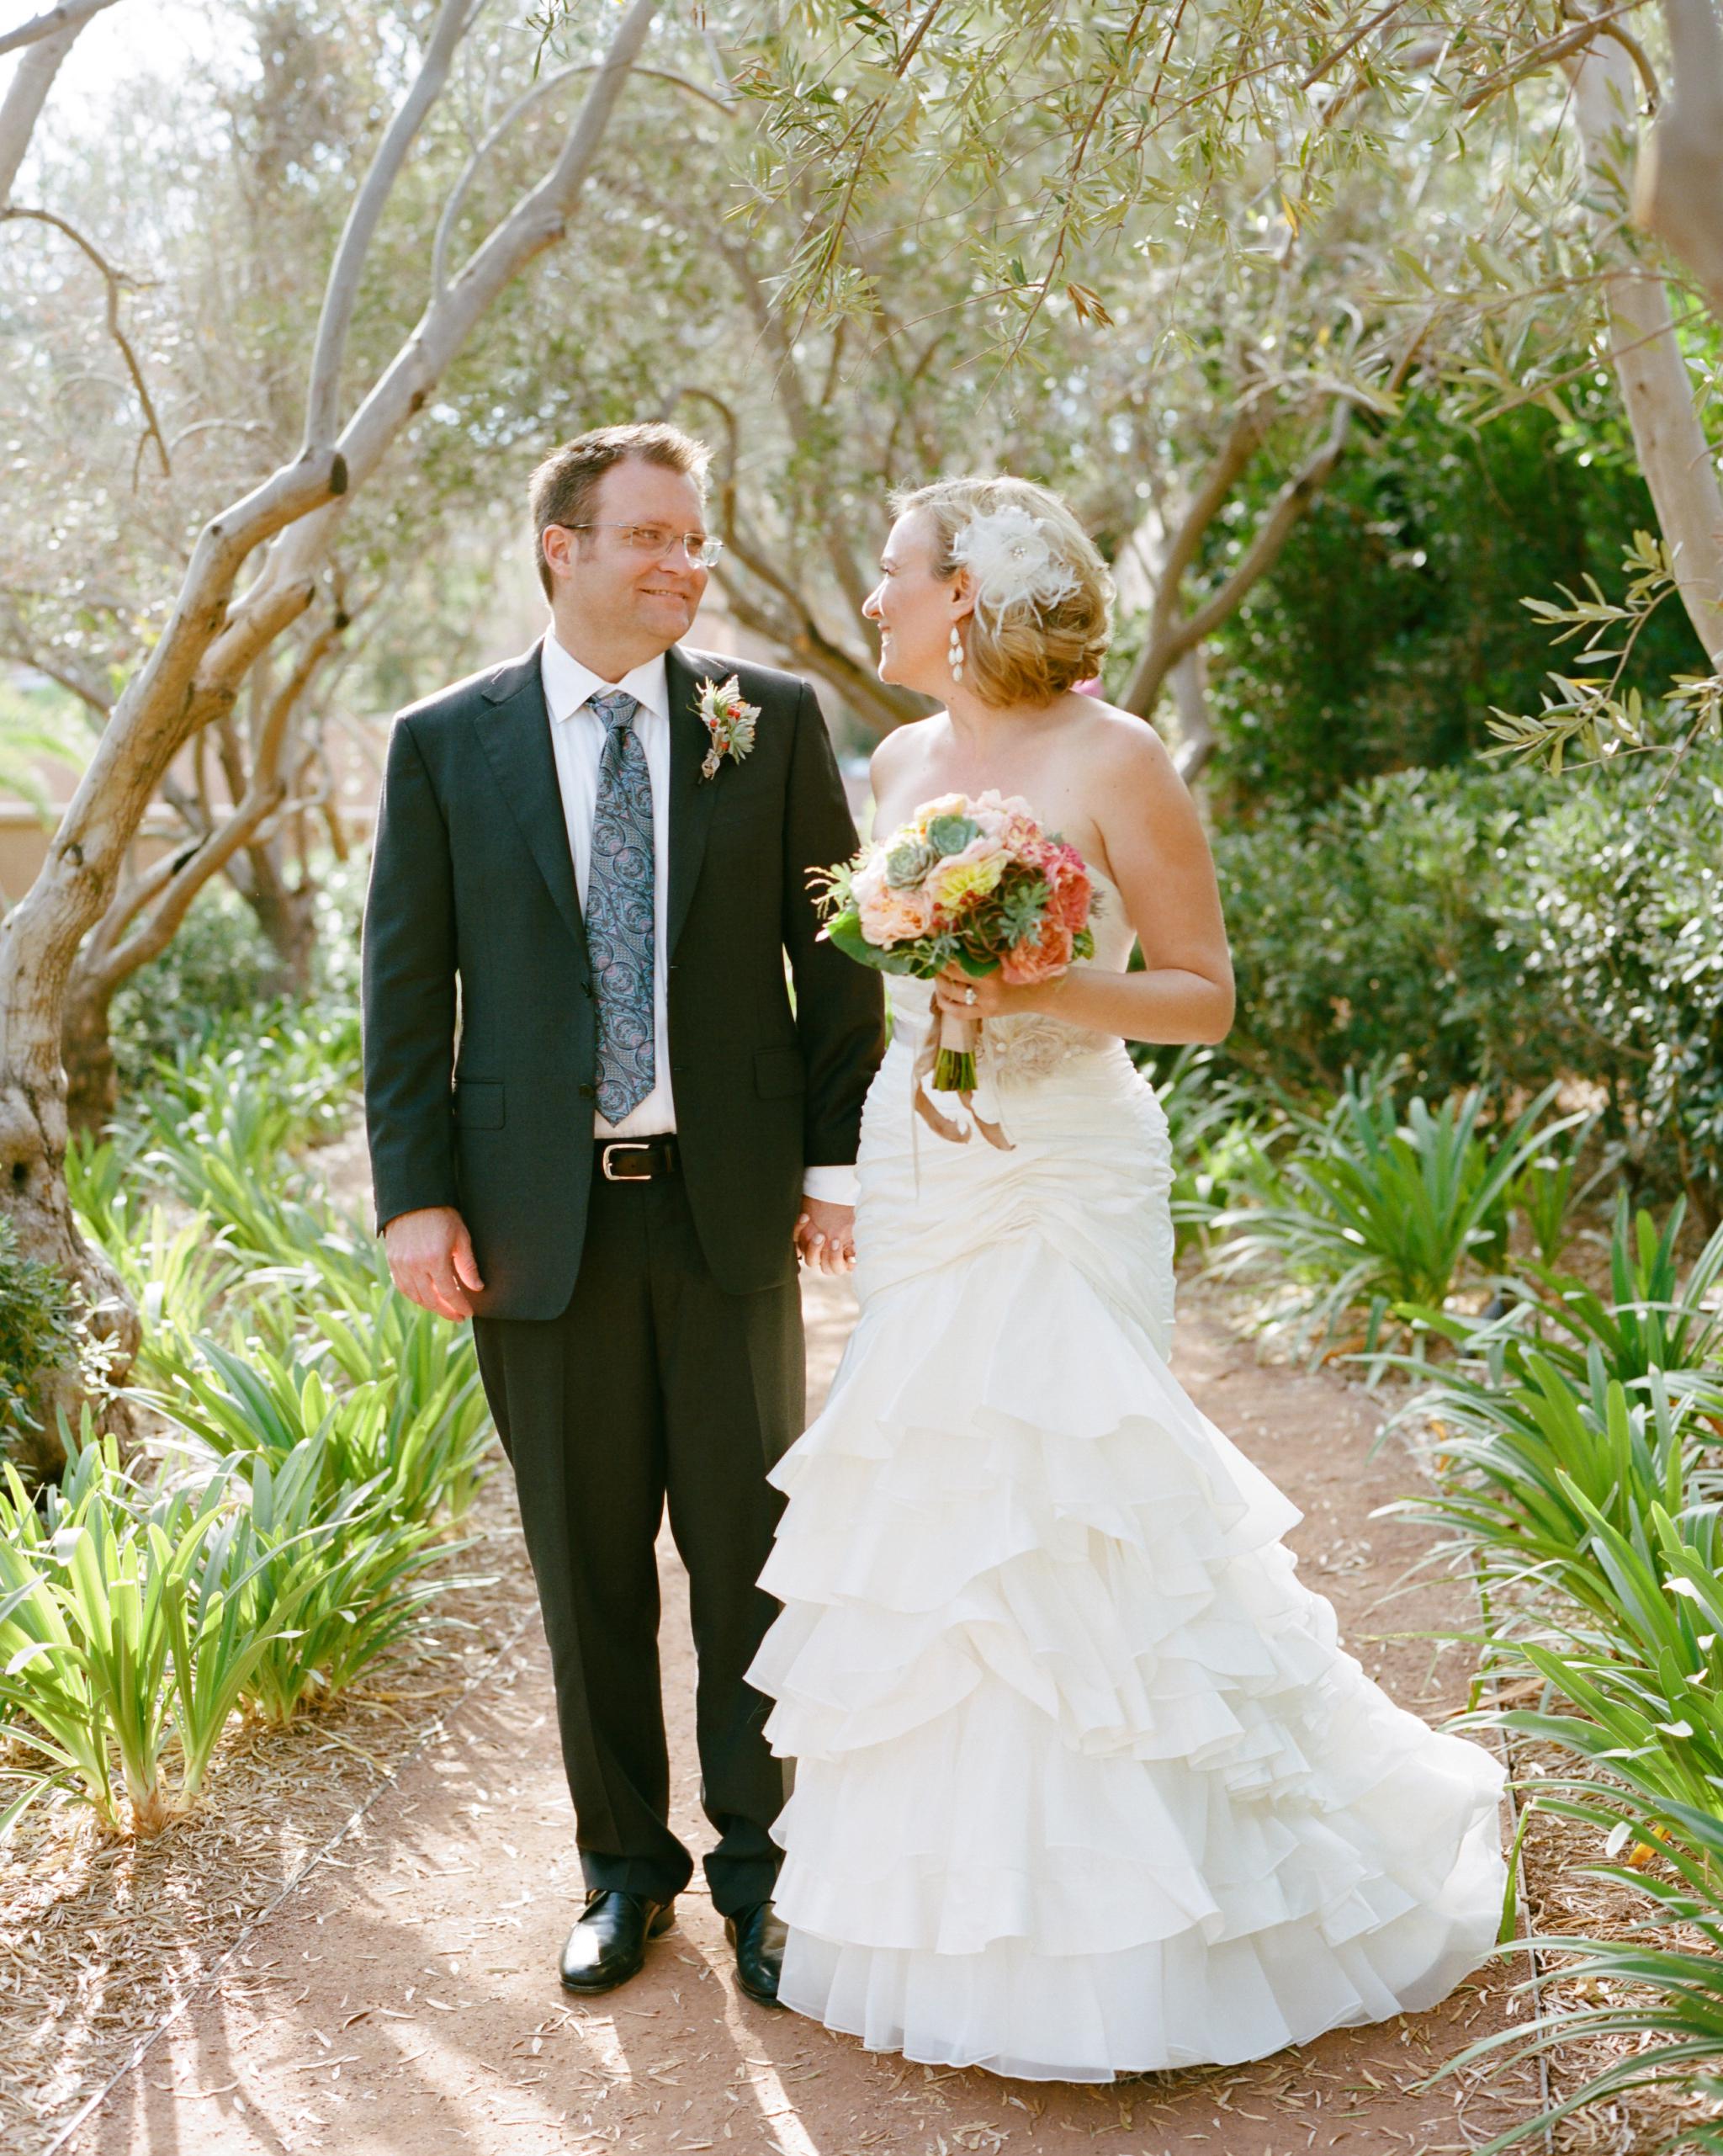 liz-allen-wedding-couple-0153-s111494-0914.jpg